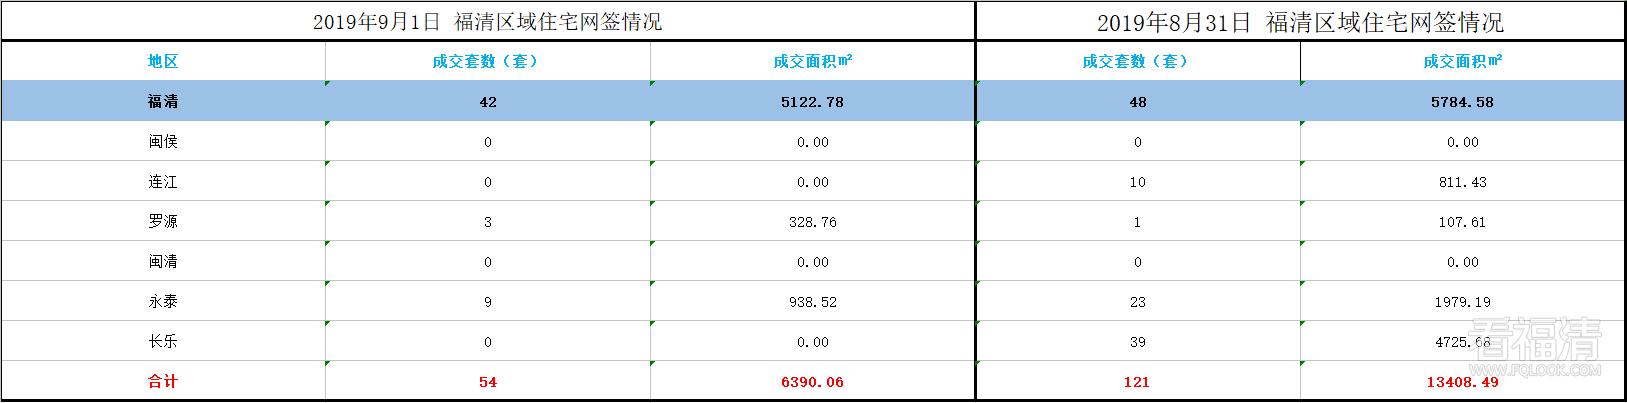 福清市2019年9月份区域住宅网签情况